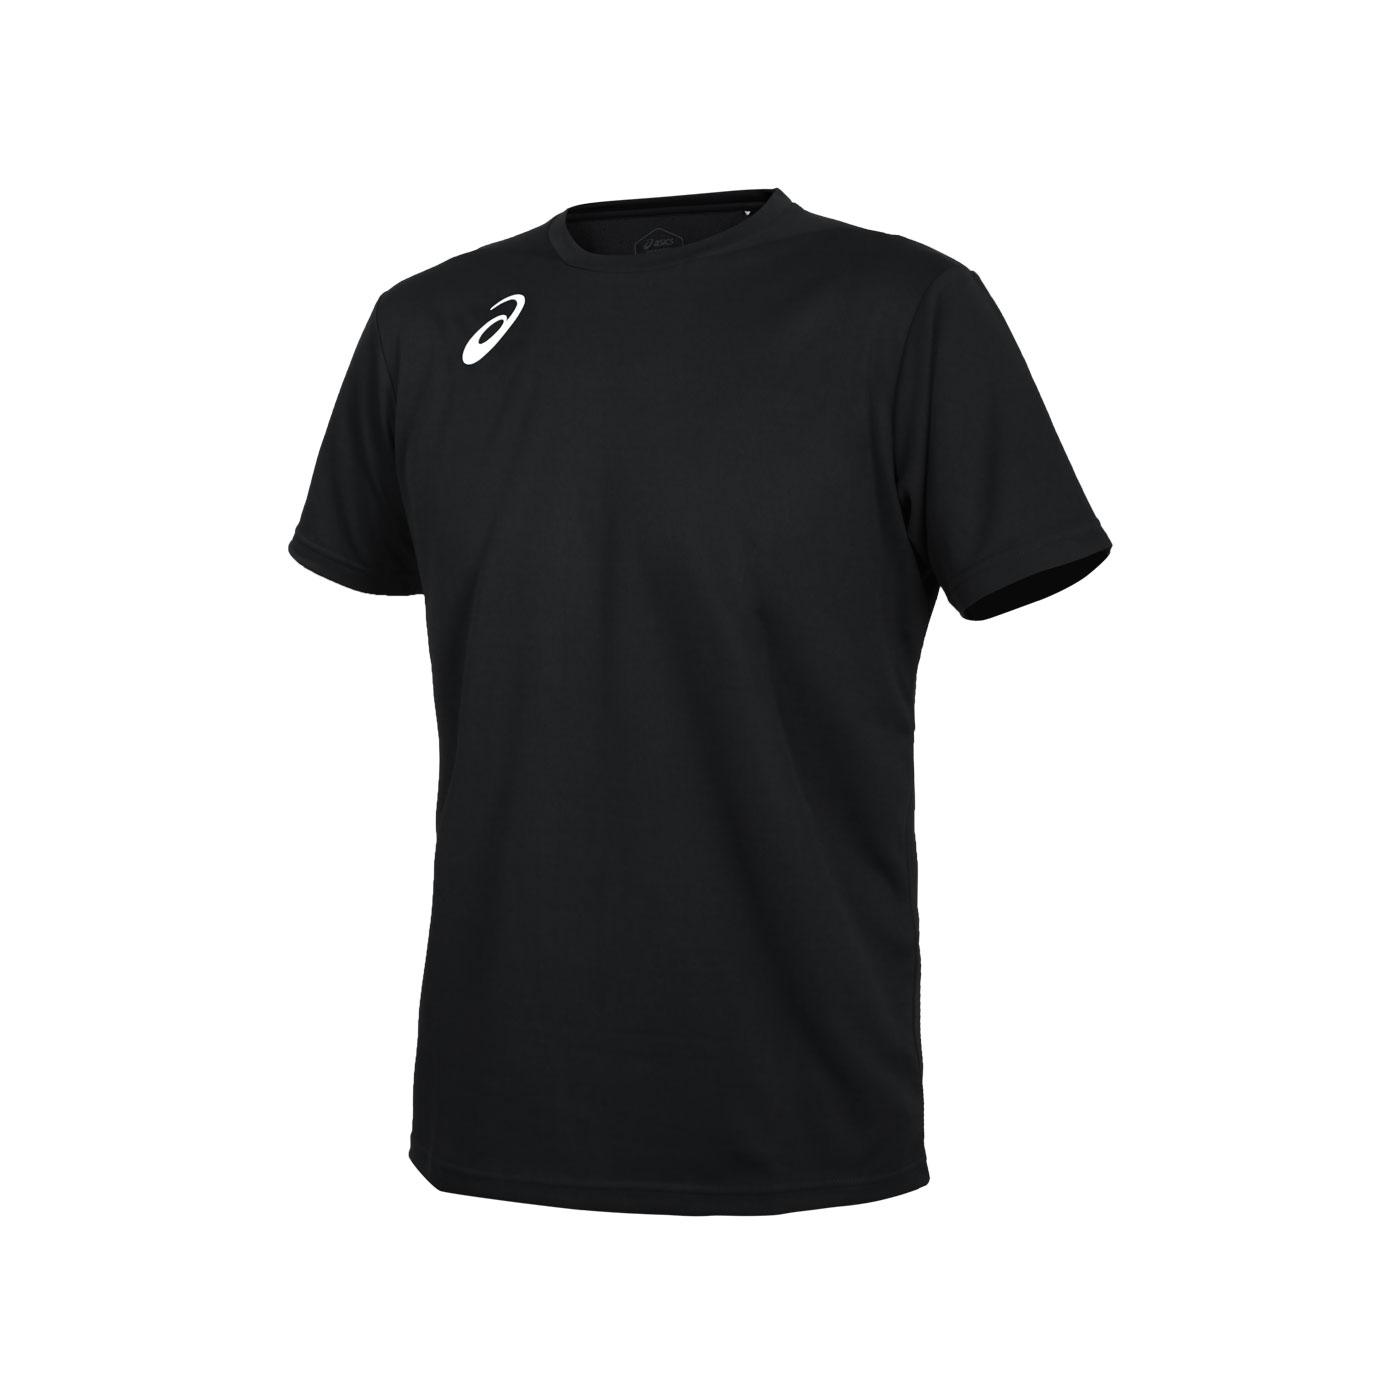 ASICS 男款排羽球短袖T恤 2051A295-001